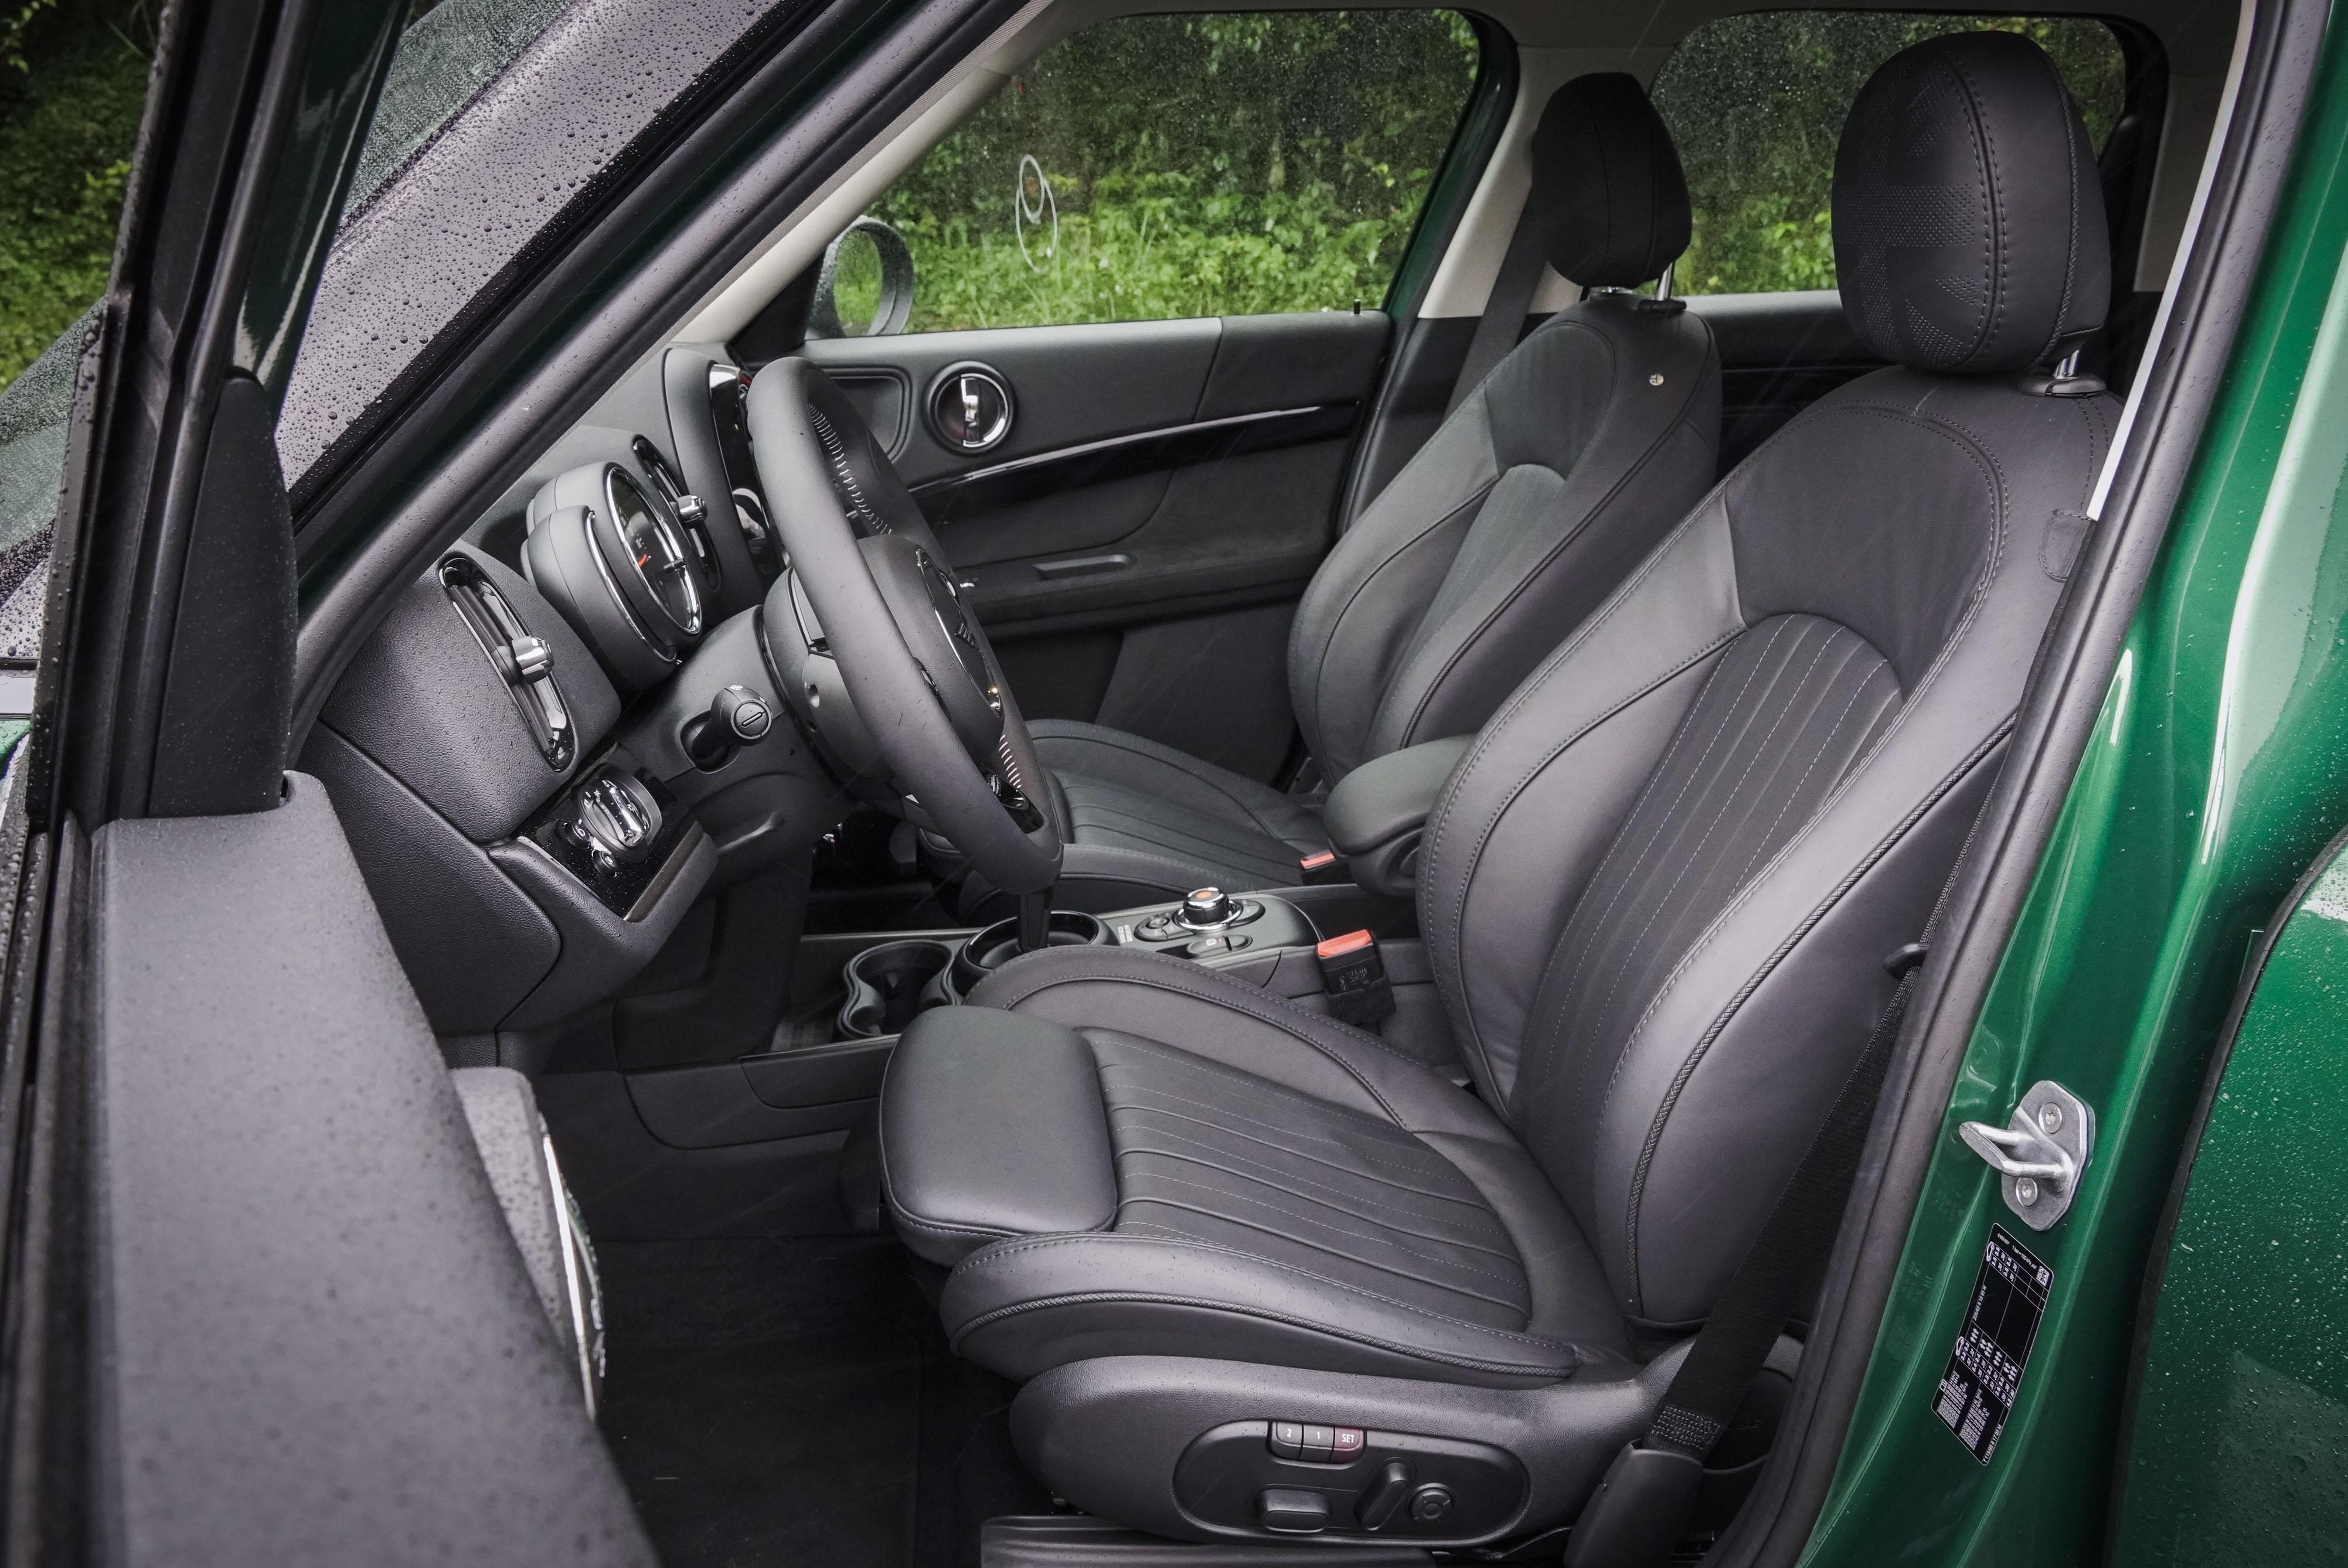 雙前座電動調整記憶跑車座椅為標配,MINI Yours Lounge 真皮內裝為野營版套件內容。